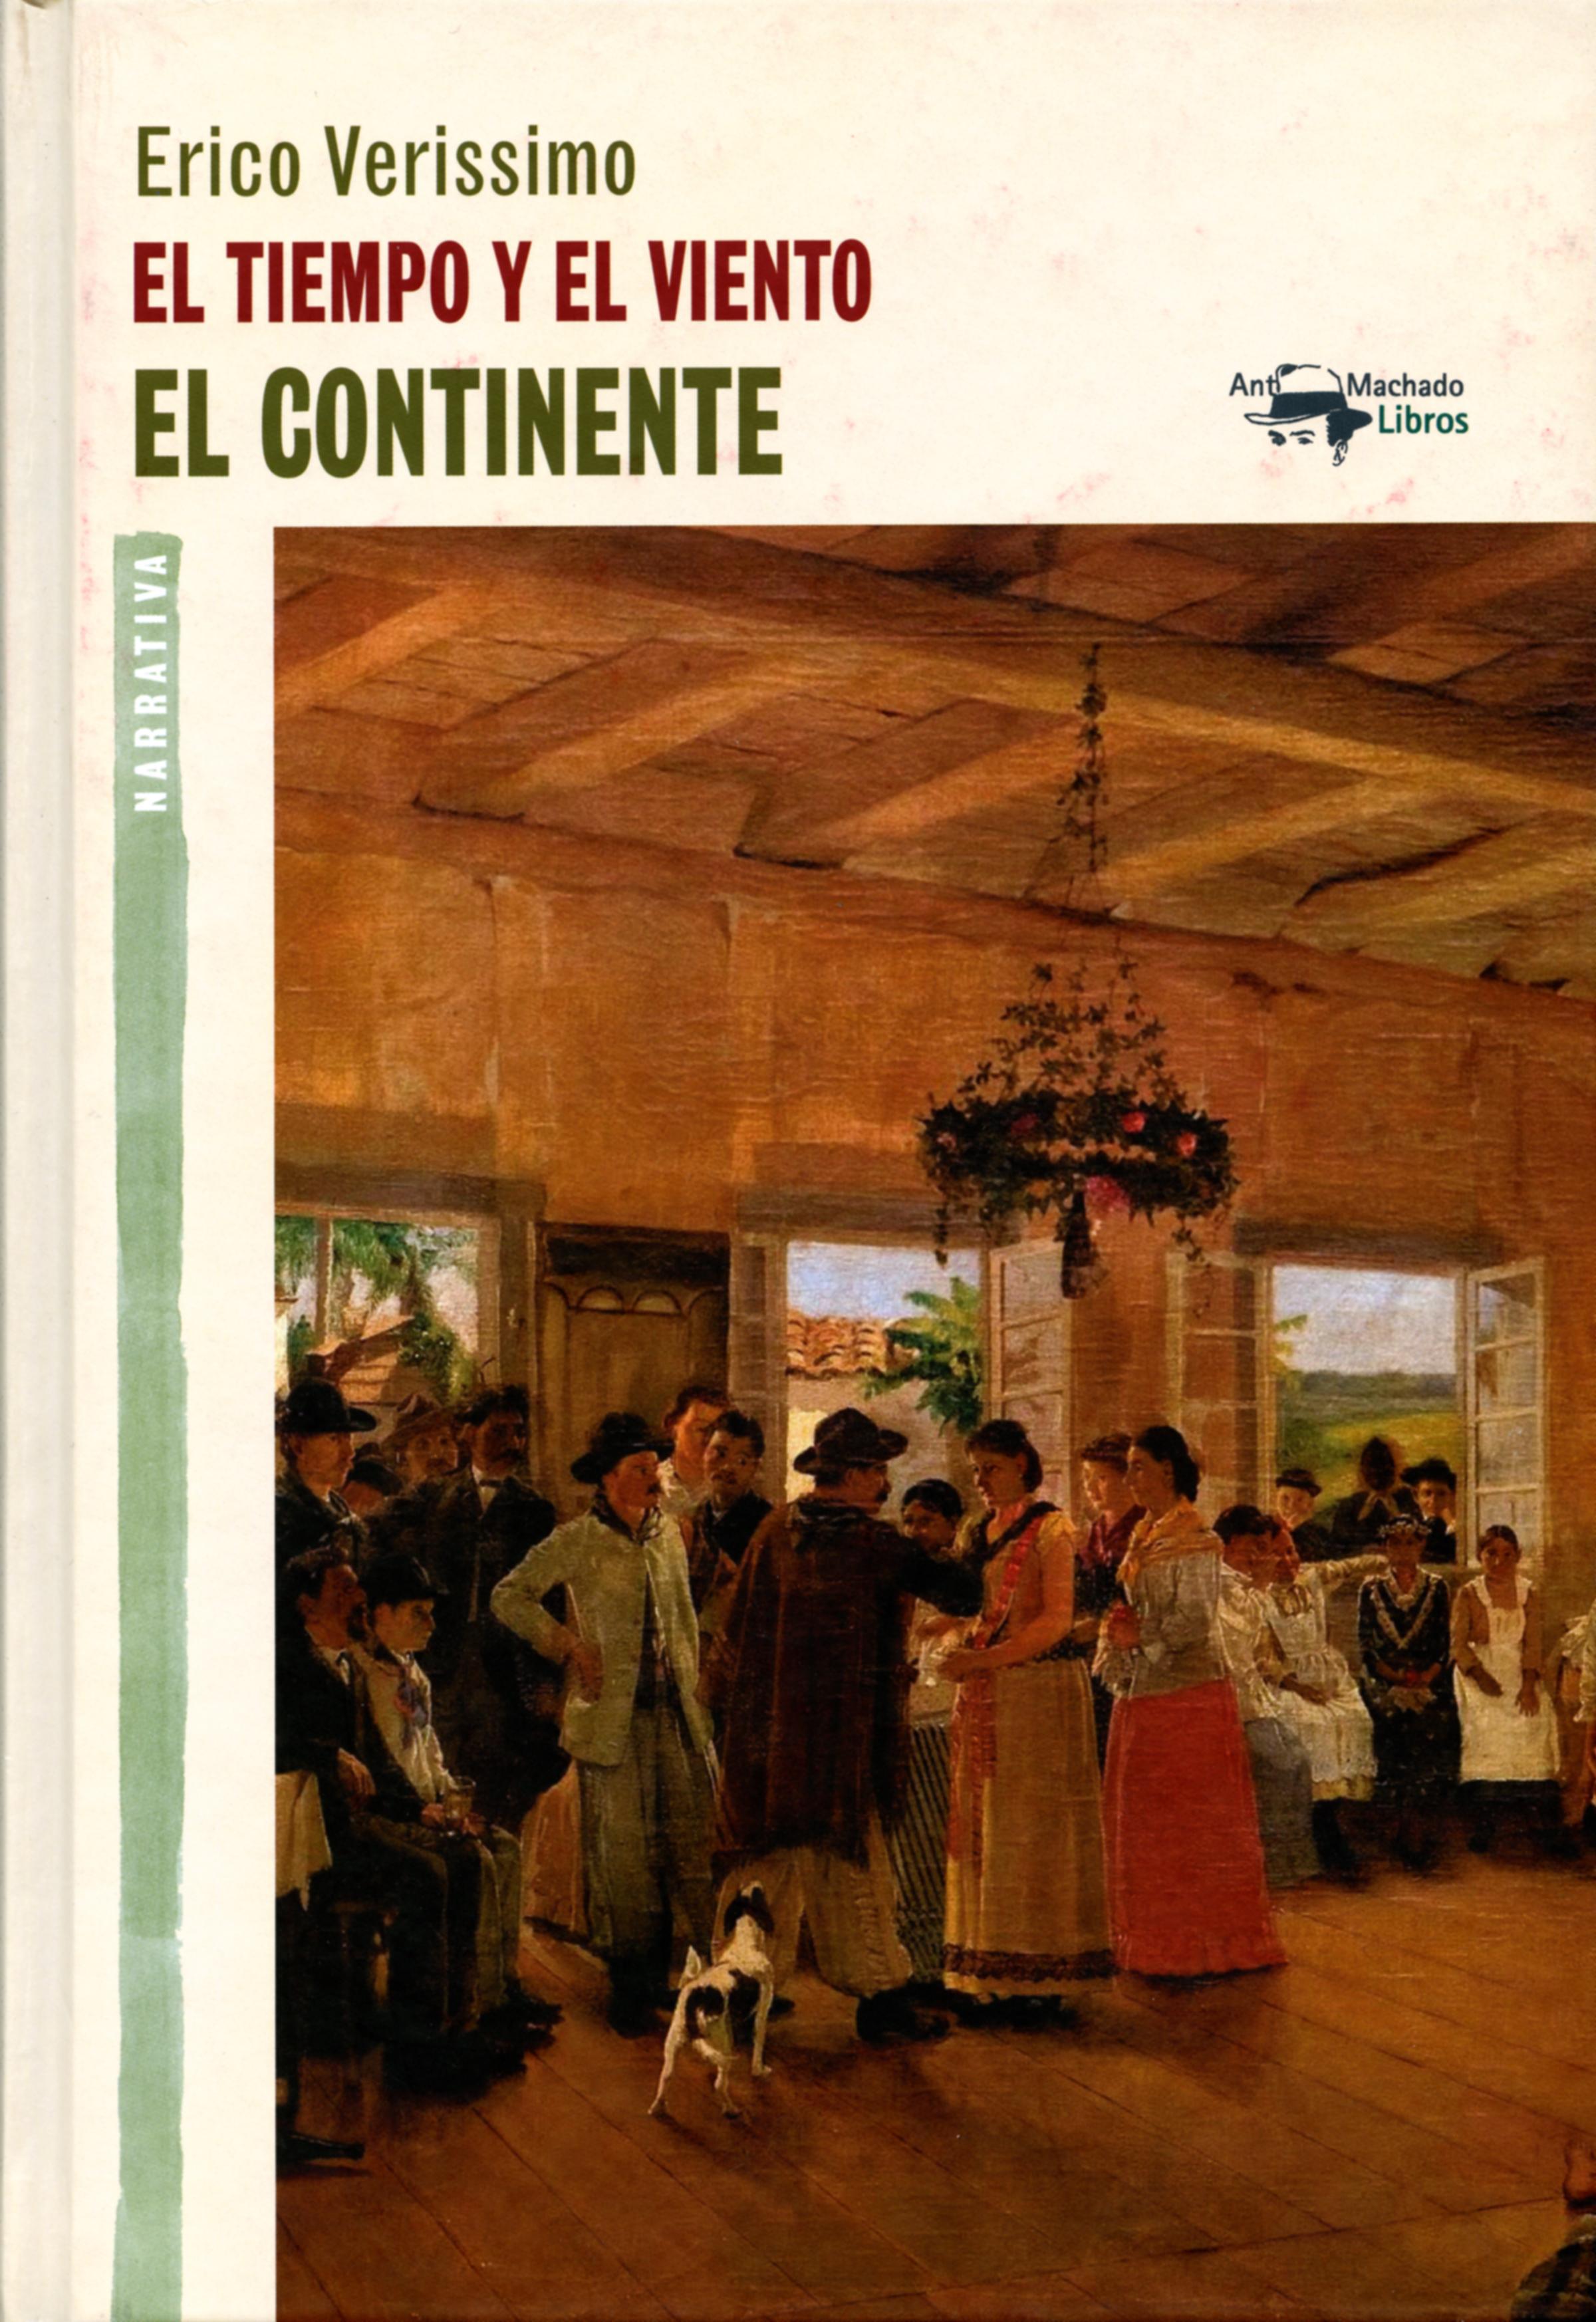 Erico Verissimo El tiempo y el viento - Vol. 1 - El continente